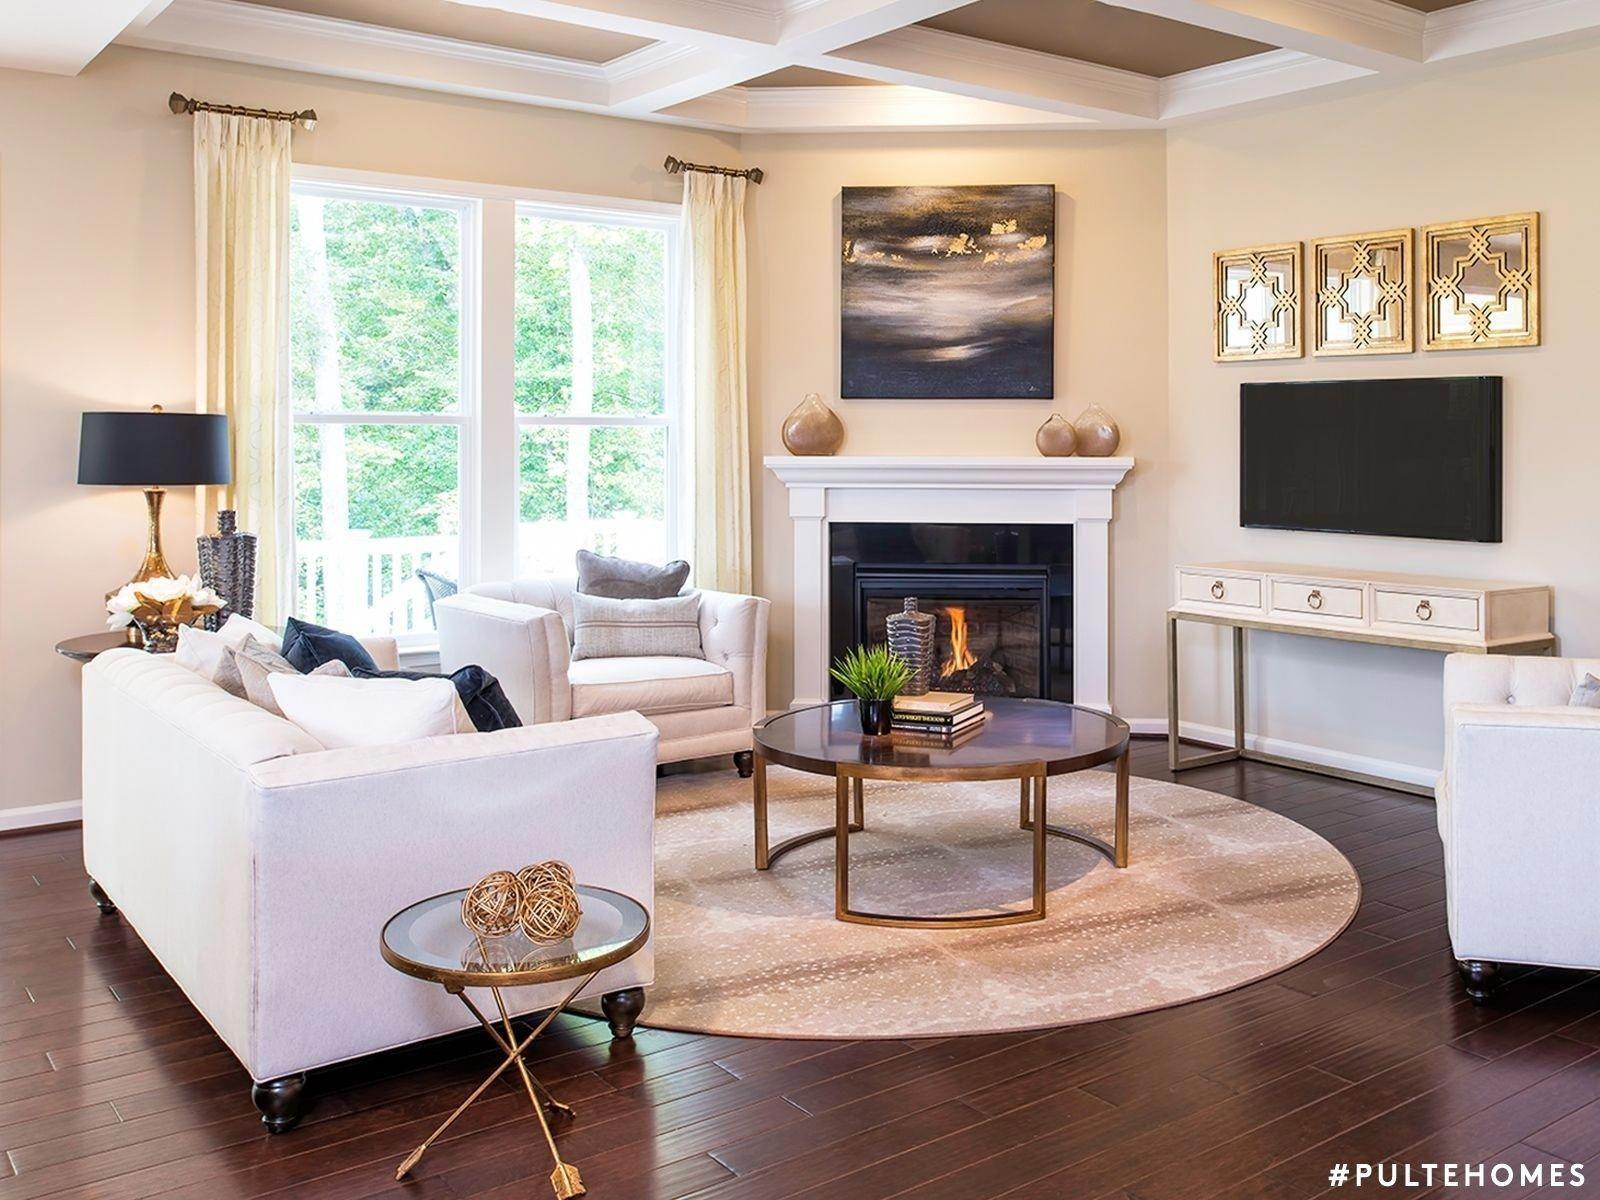 30 Inspiration Image Of Awkward Living Room Awkward Living